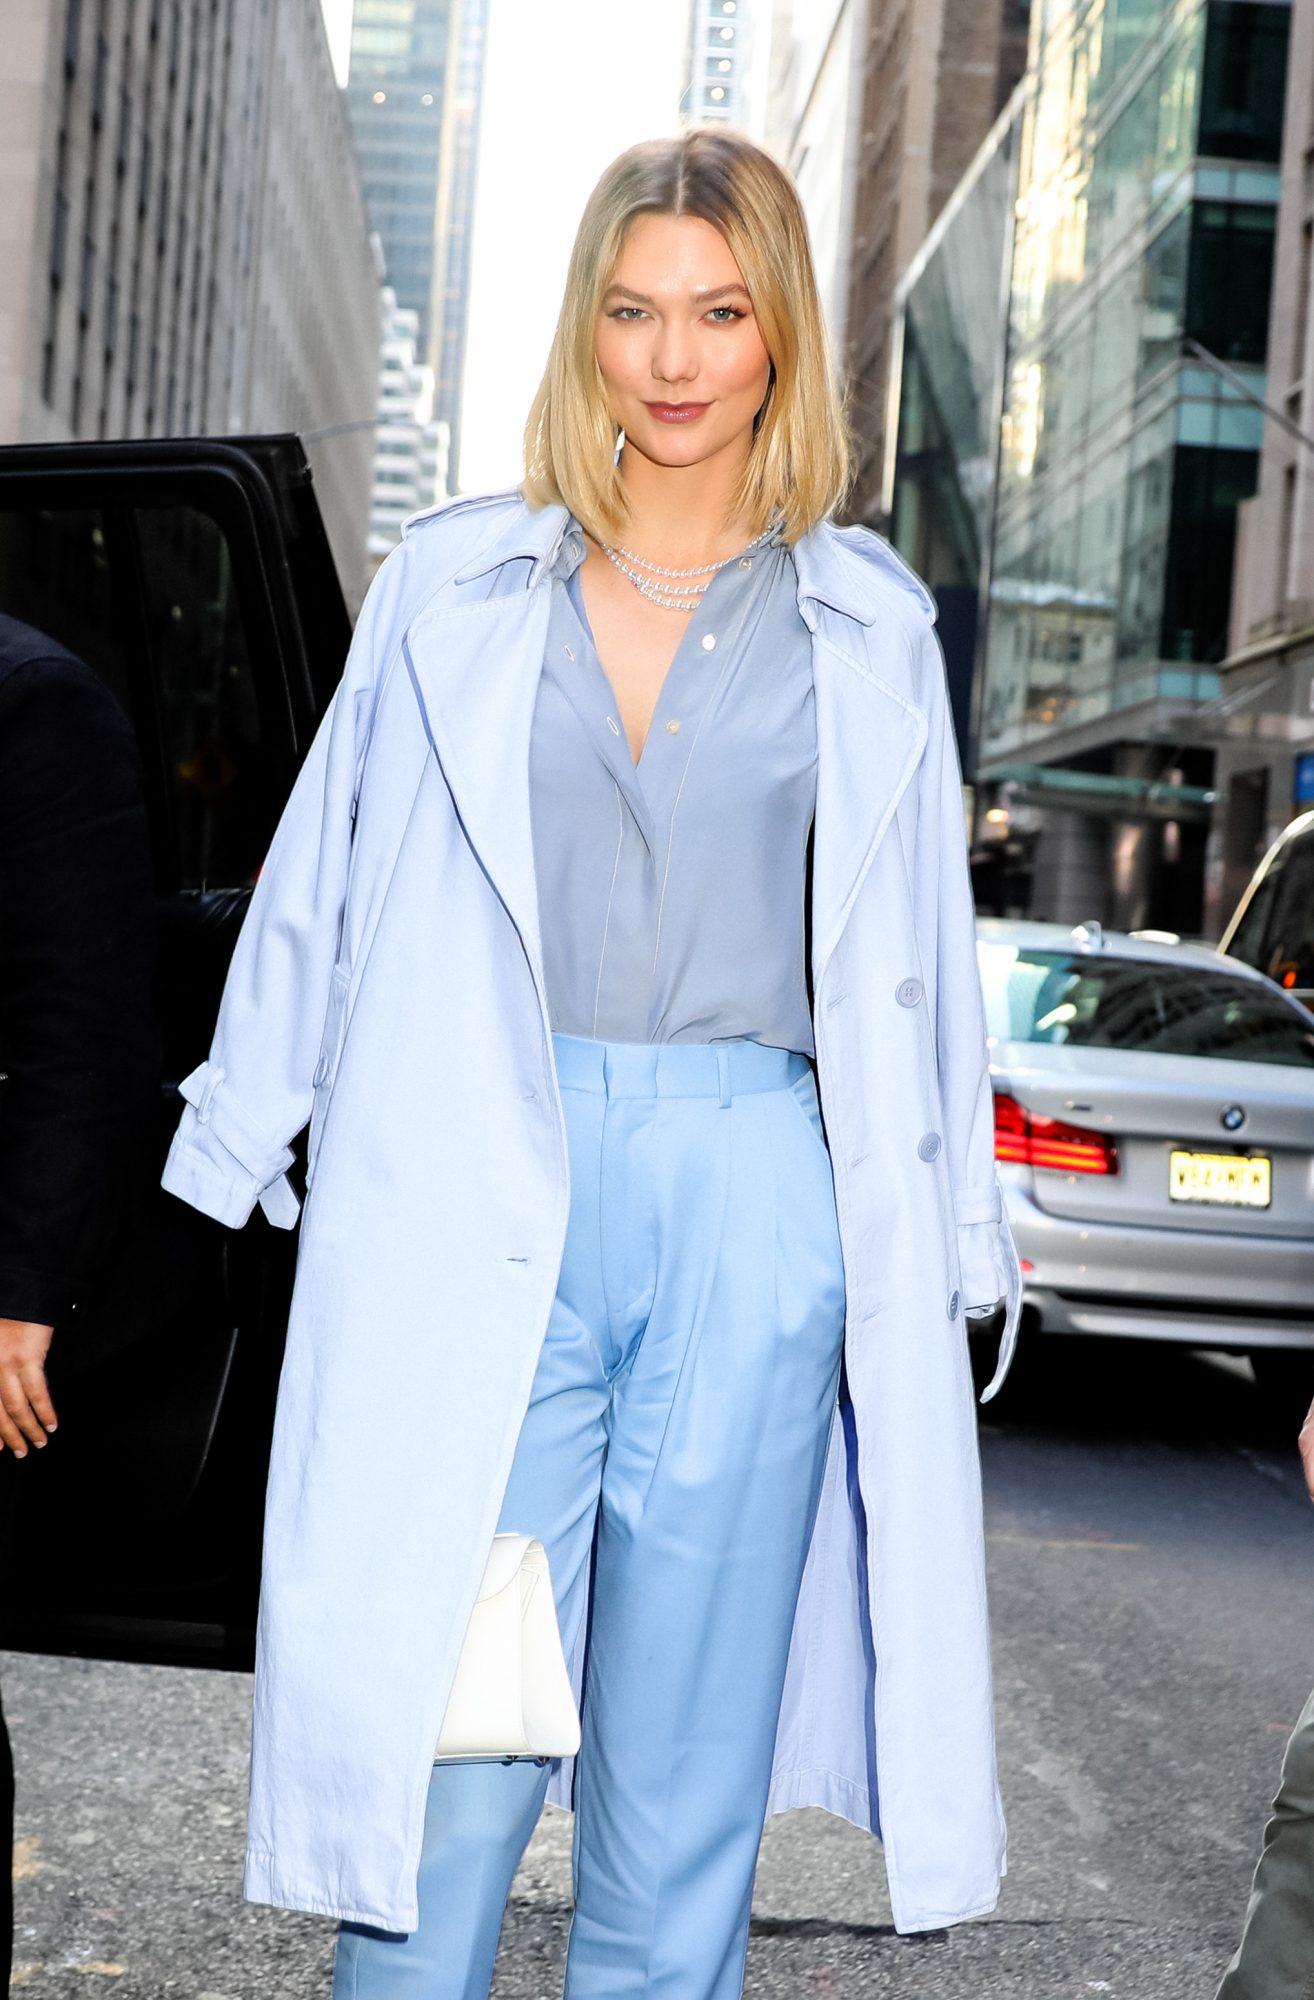 Quizá porque es desde hace años imagen de la marca Carolina Herrera tiene cierta fijación por esta prenda que sabe combinar a la perfección en looks de día y de noche y en todos los colores.